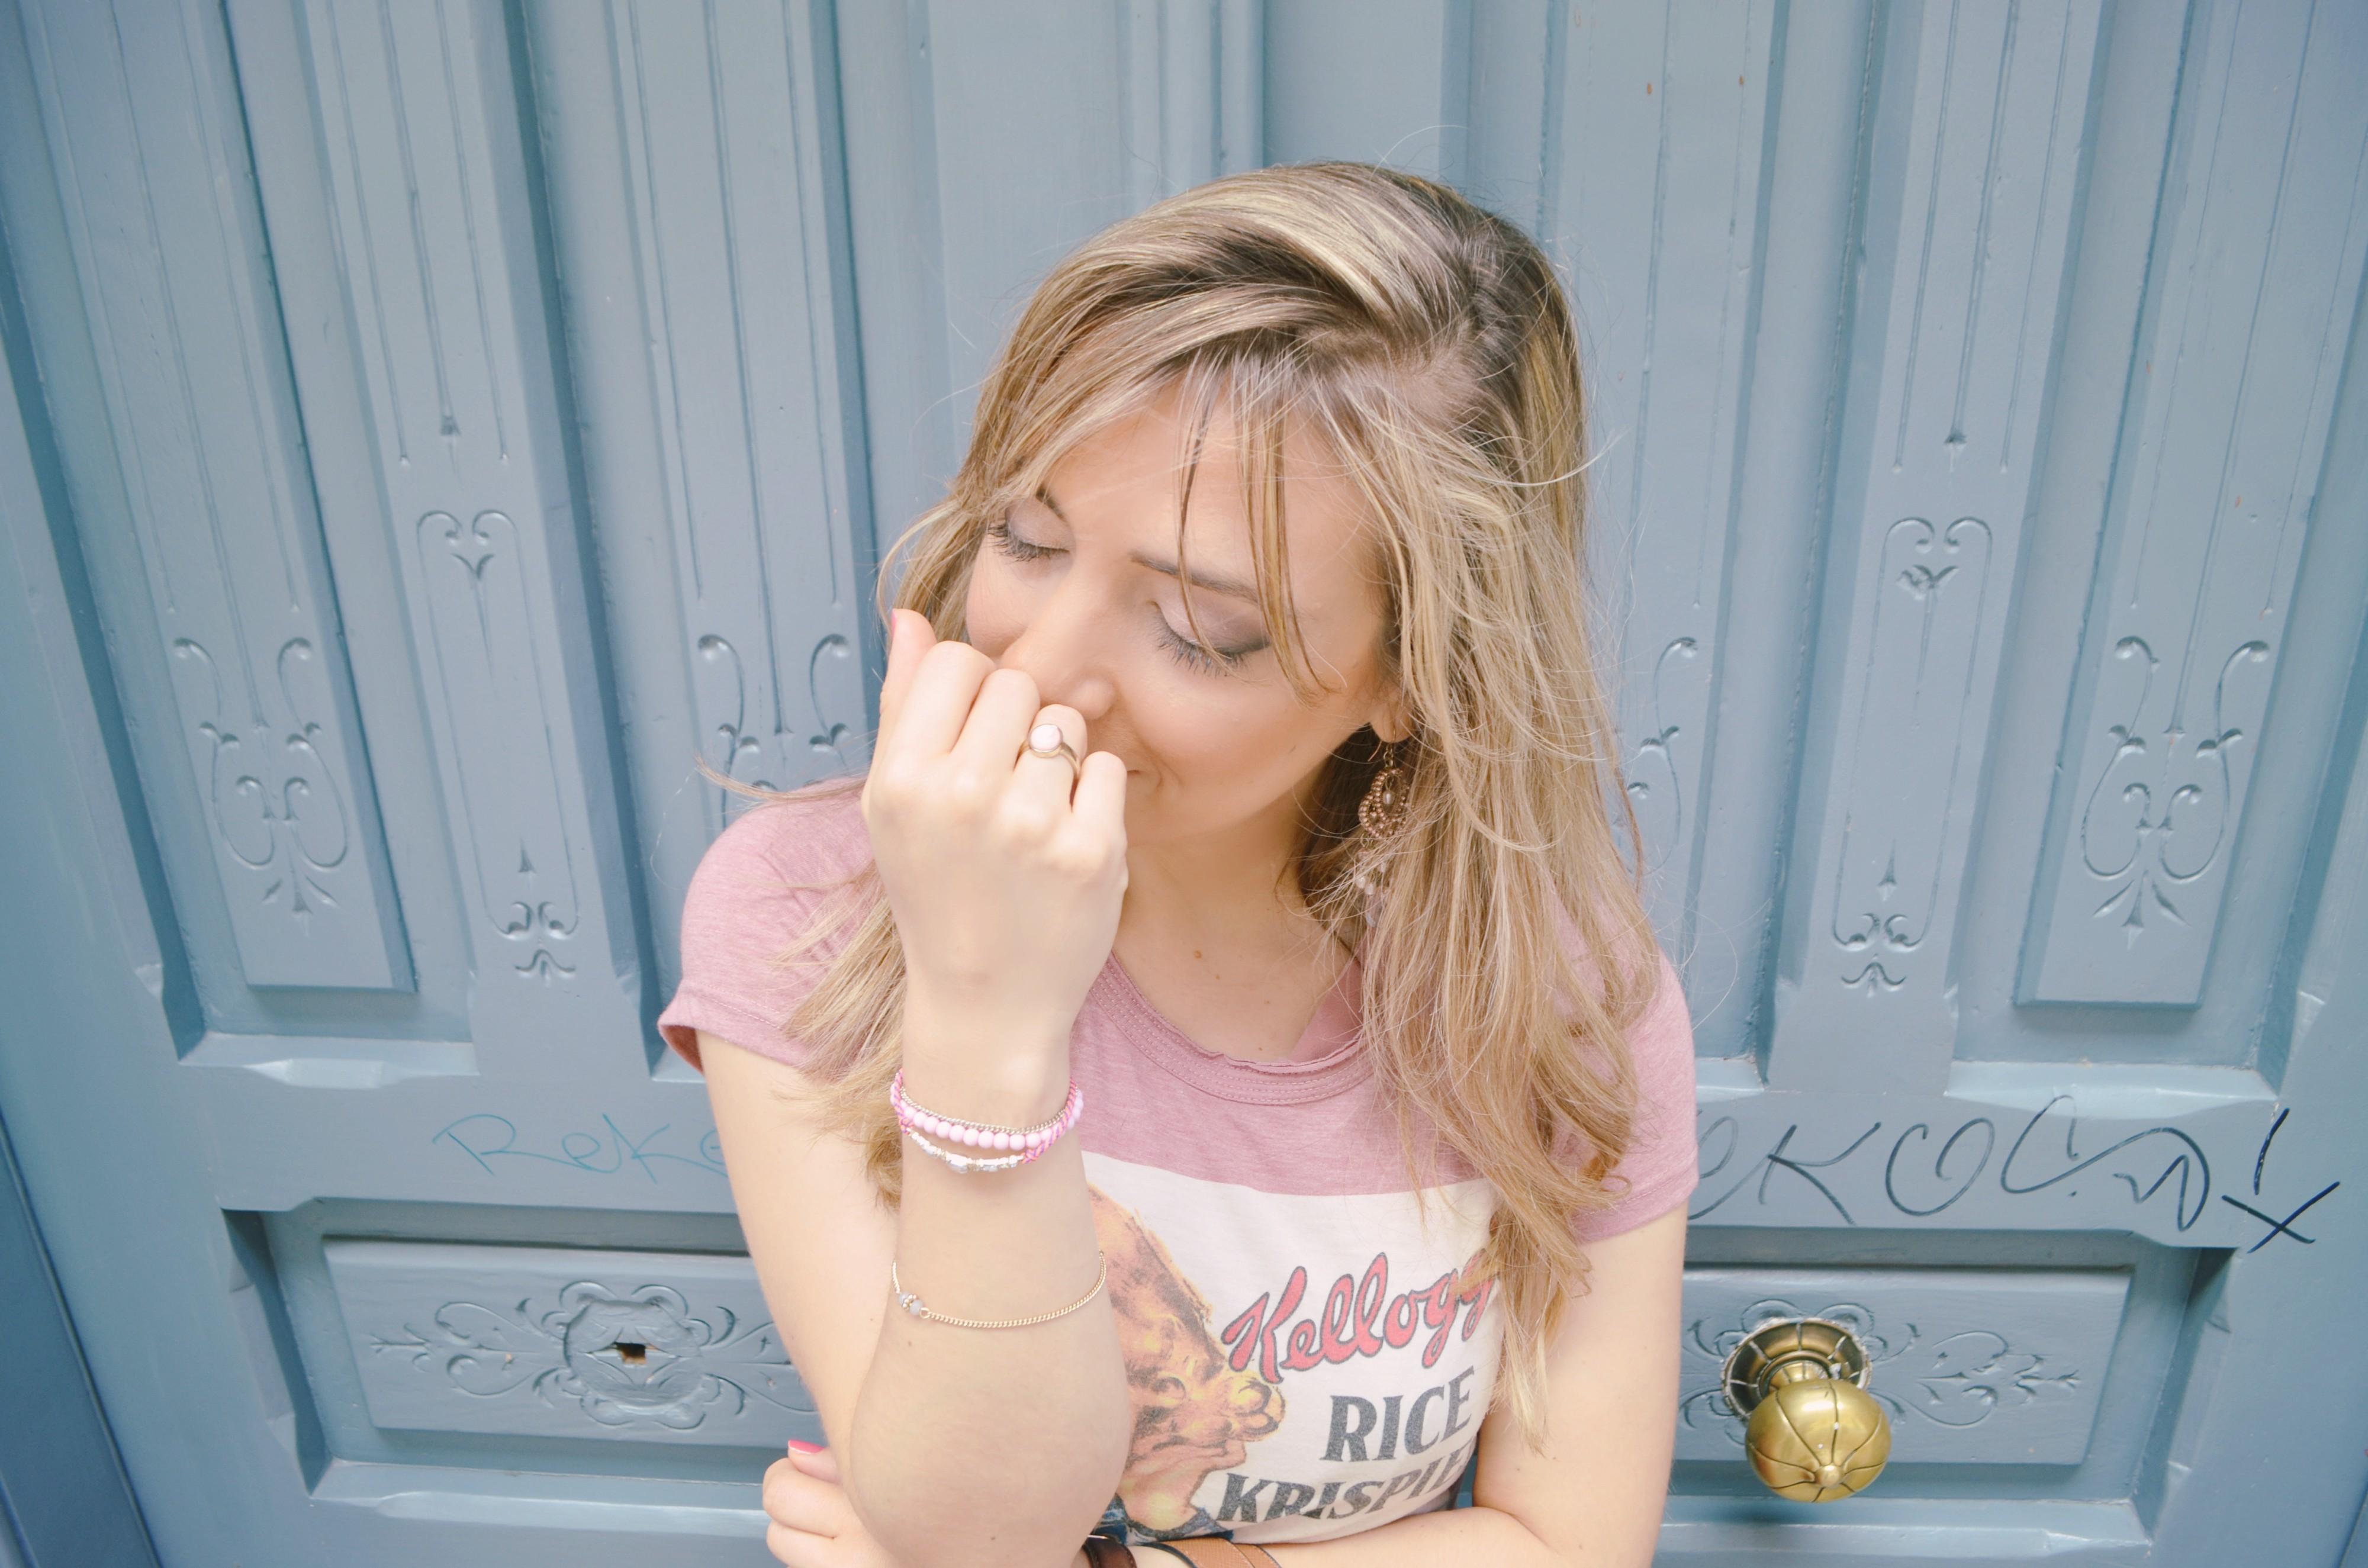 ChicAdicta-Chic-Adicta-fashionista-blog-de-moda-vintage-style-Rose-Quartz-look-outfit-de-verano-pink-accessories-PiensaenChic-Piensa-en-Chic